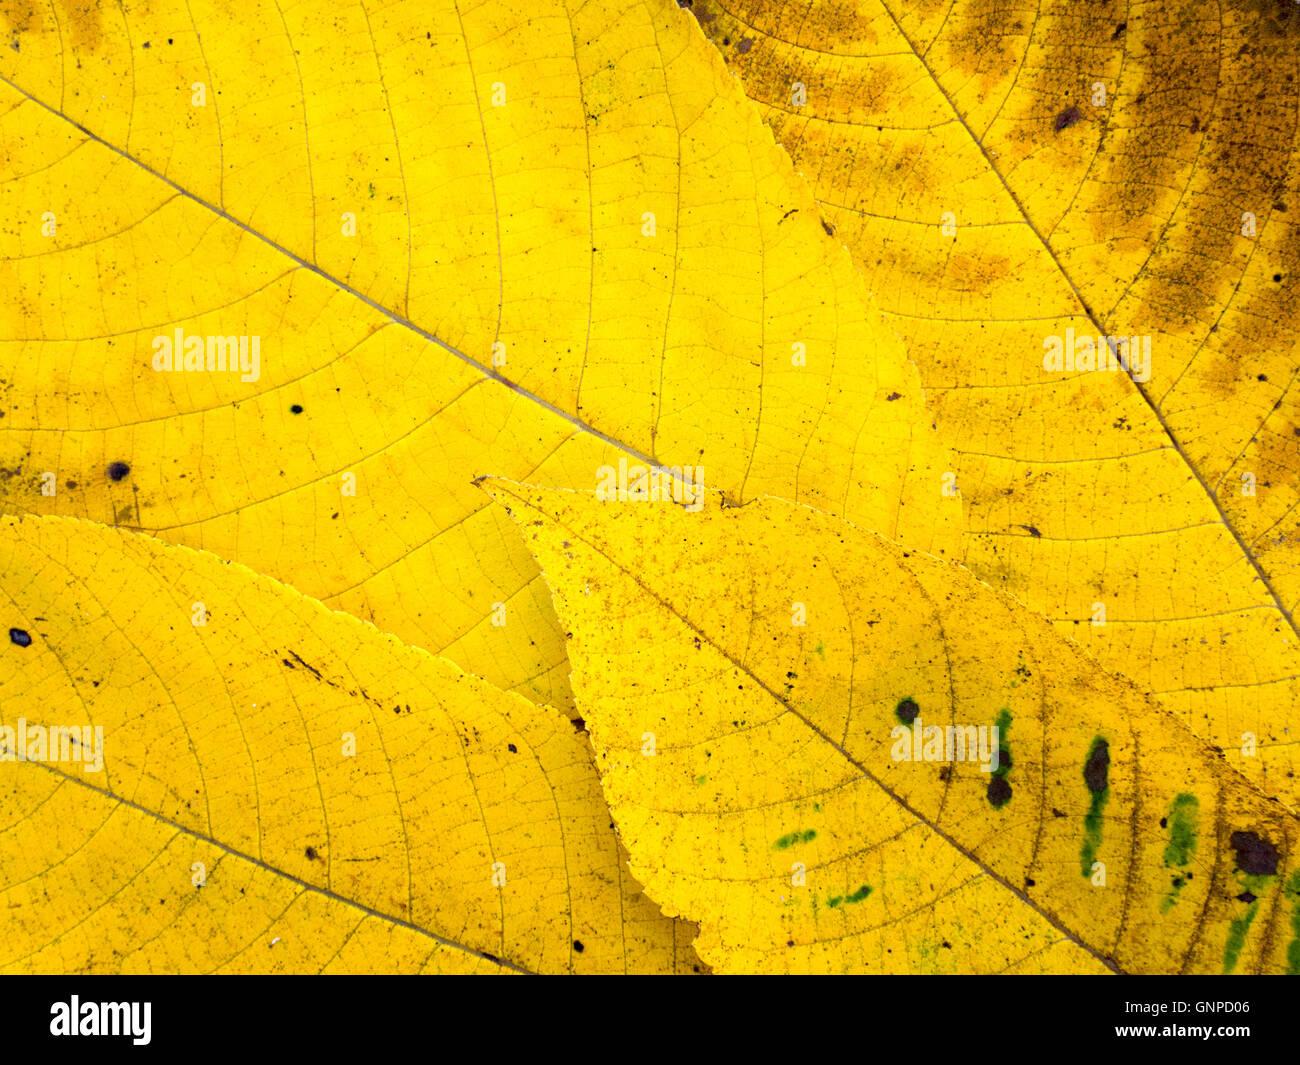 Brun et jaune vif avec des nervures des feuilles automne background Photo Stock